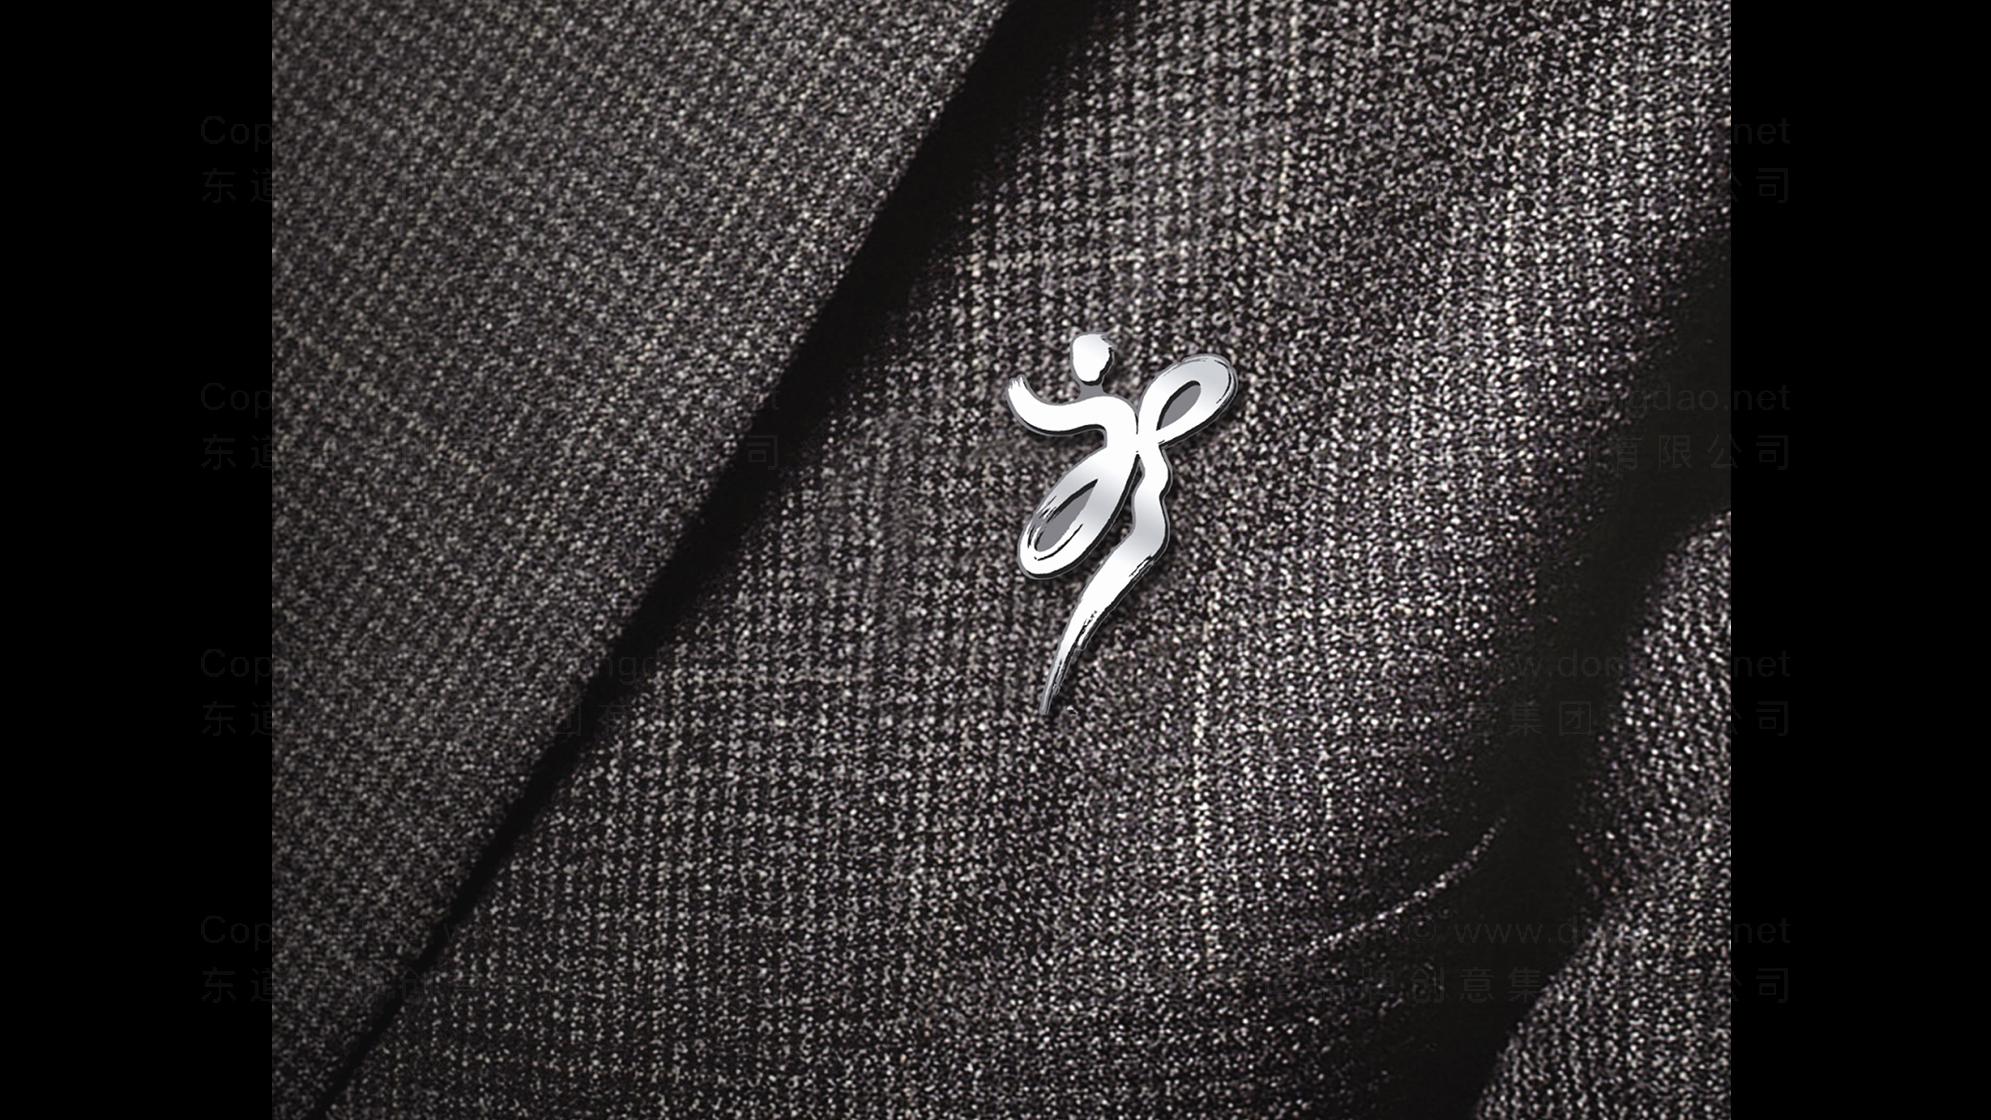 品牌设计北京2008奥运会会徽LOGO设计应用场景